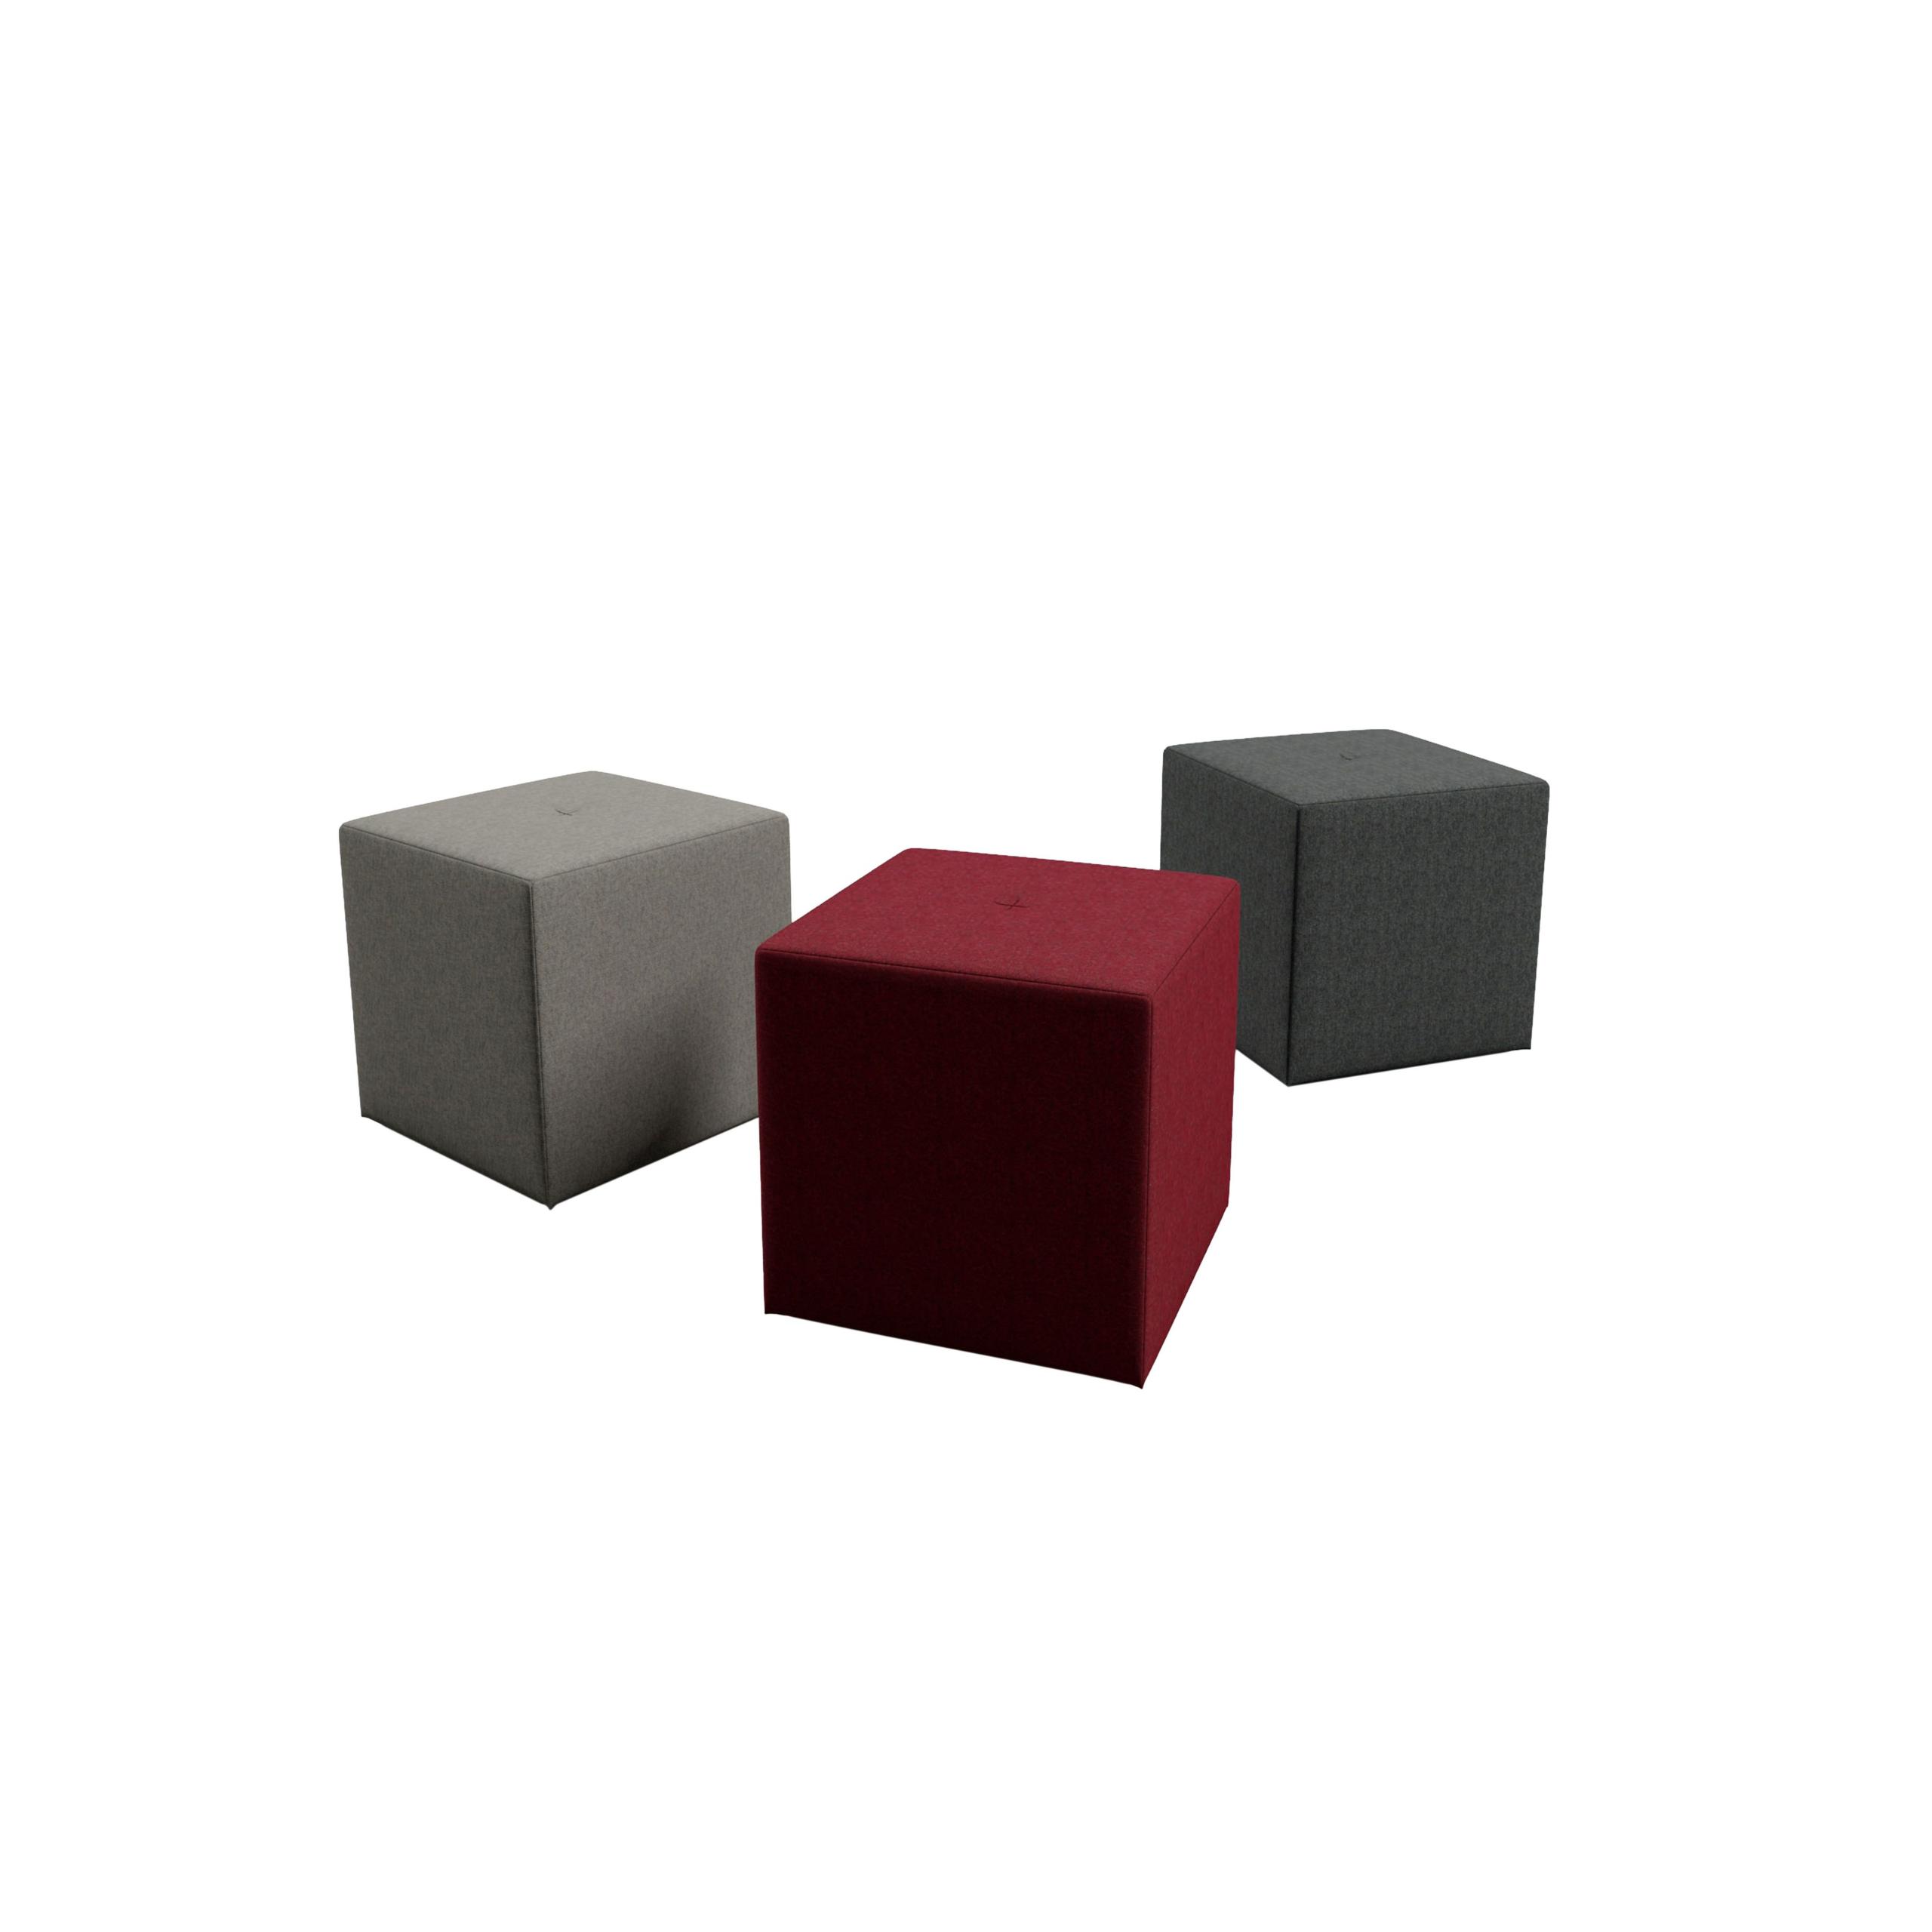 Create Seating Byggbara moduler: sittmöbler, förvaring och rum-i rum produktbild 5